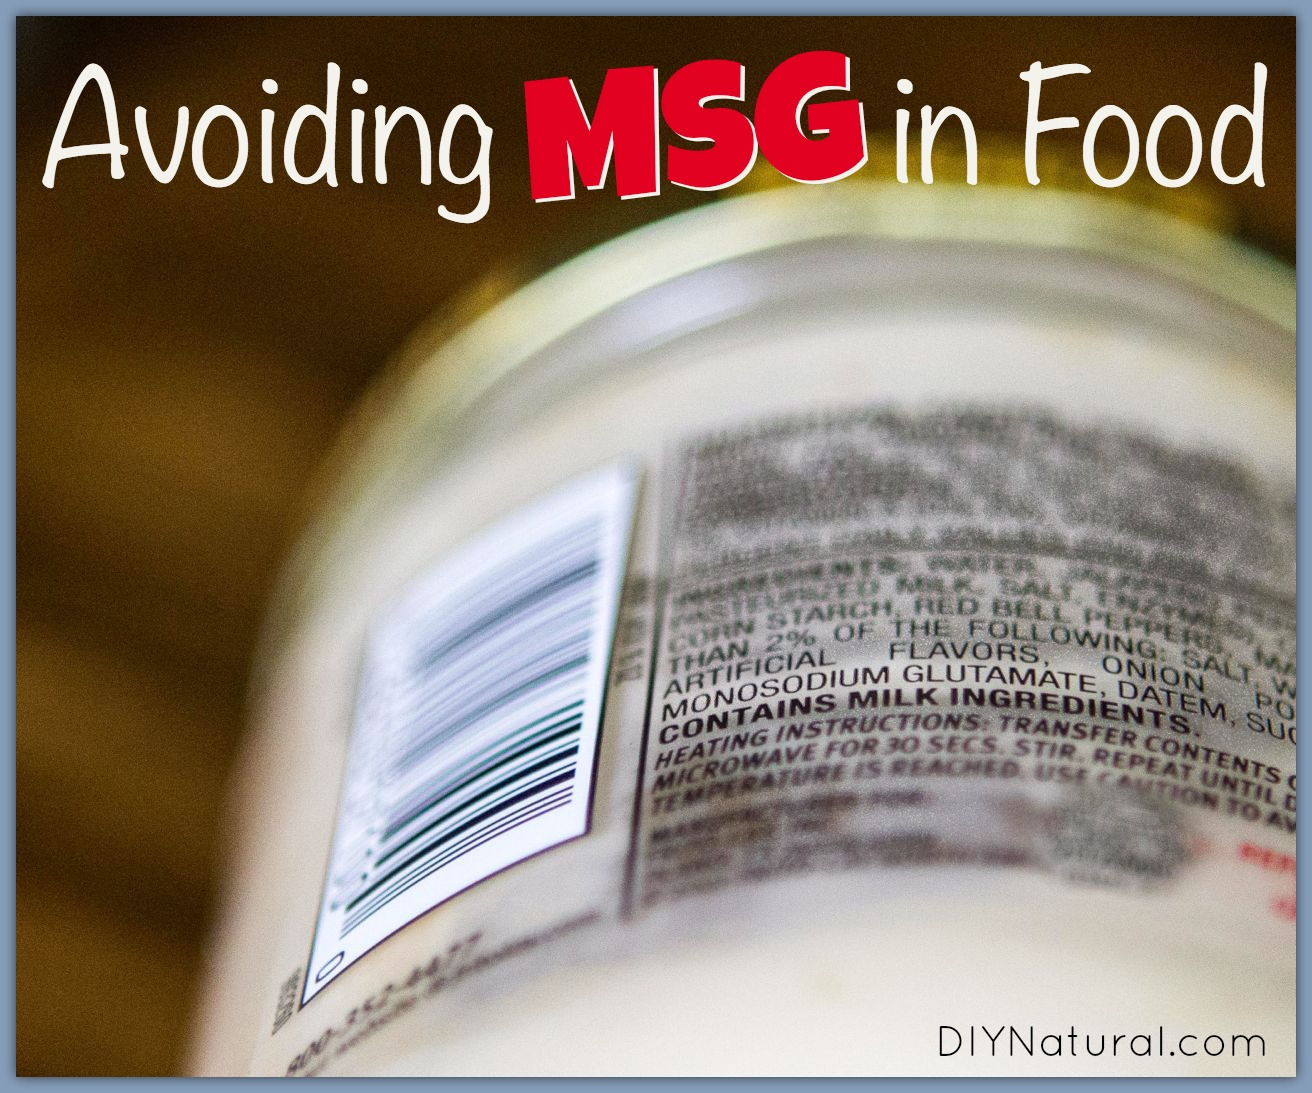 3 Ways to Avoid MSG